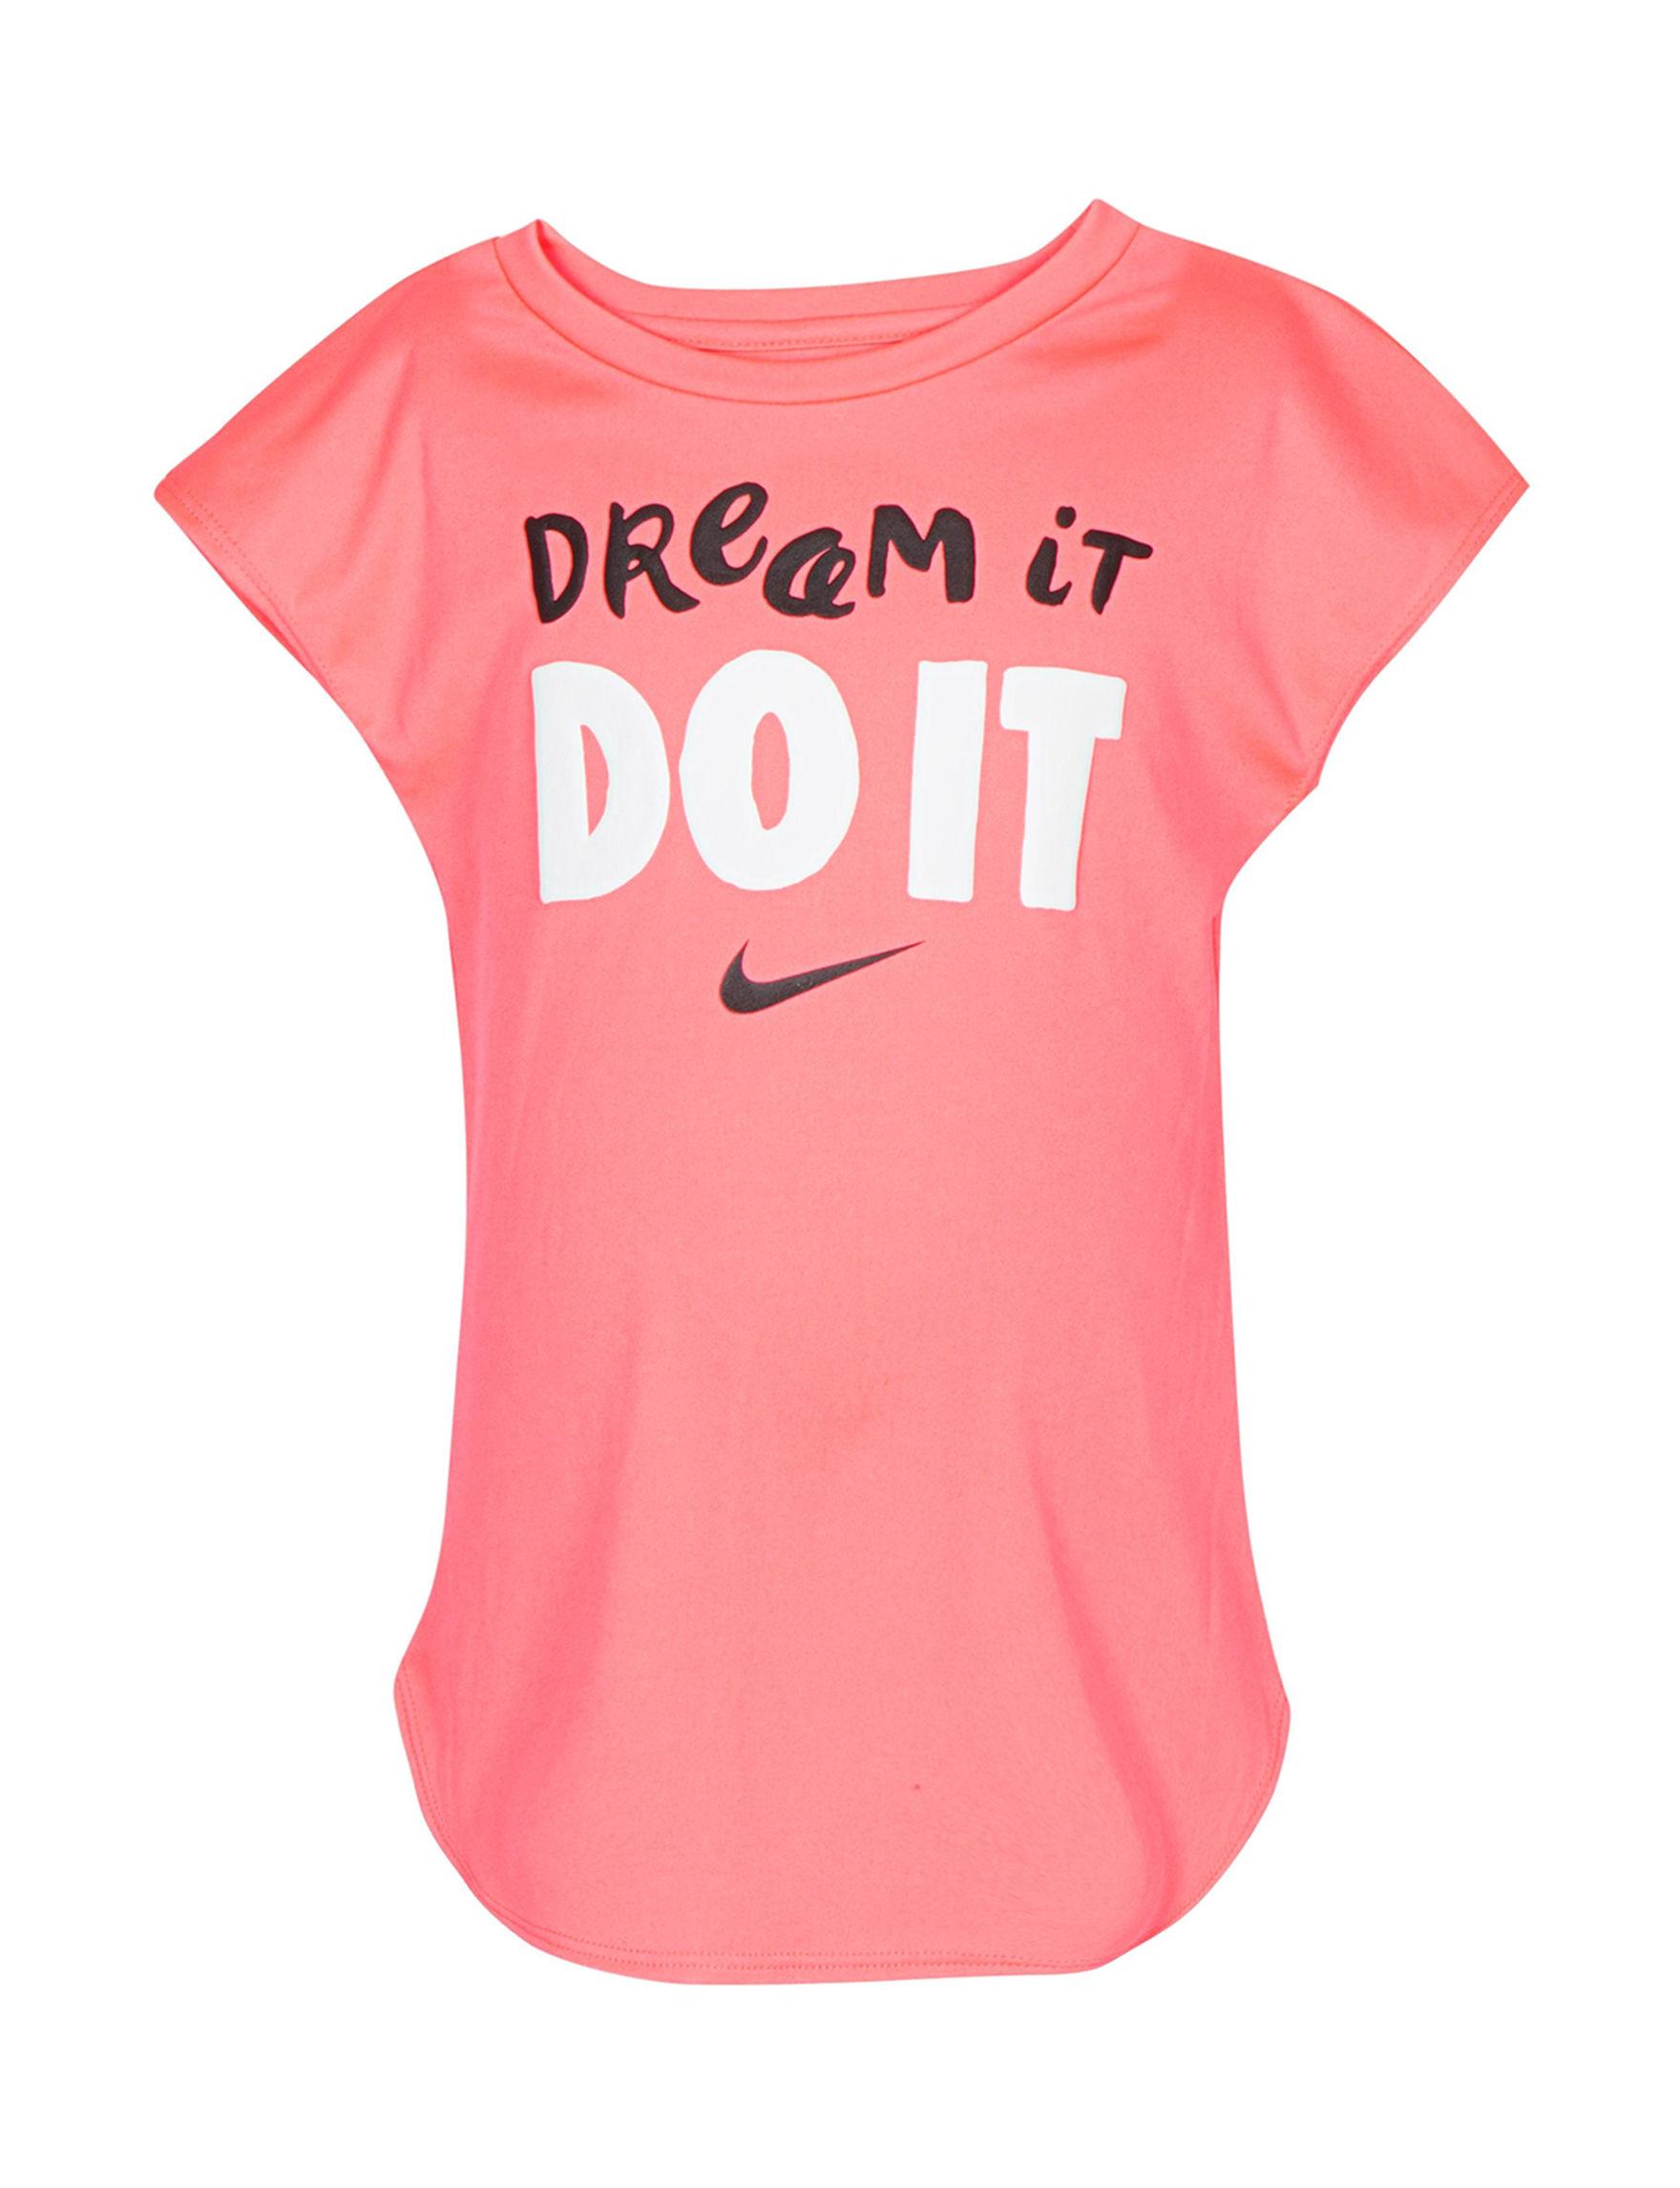 Nike Pink / Black / White Tees & Tanks